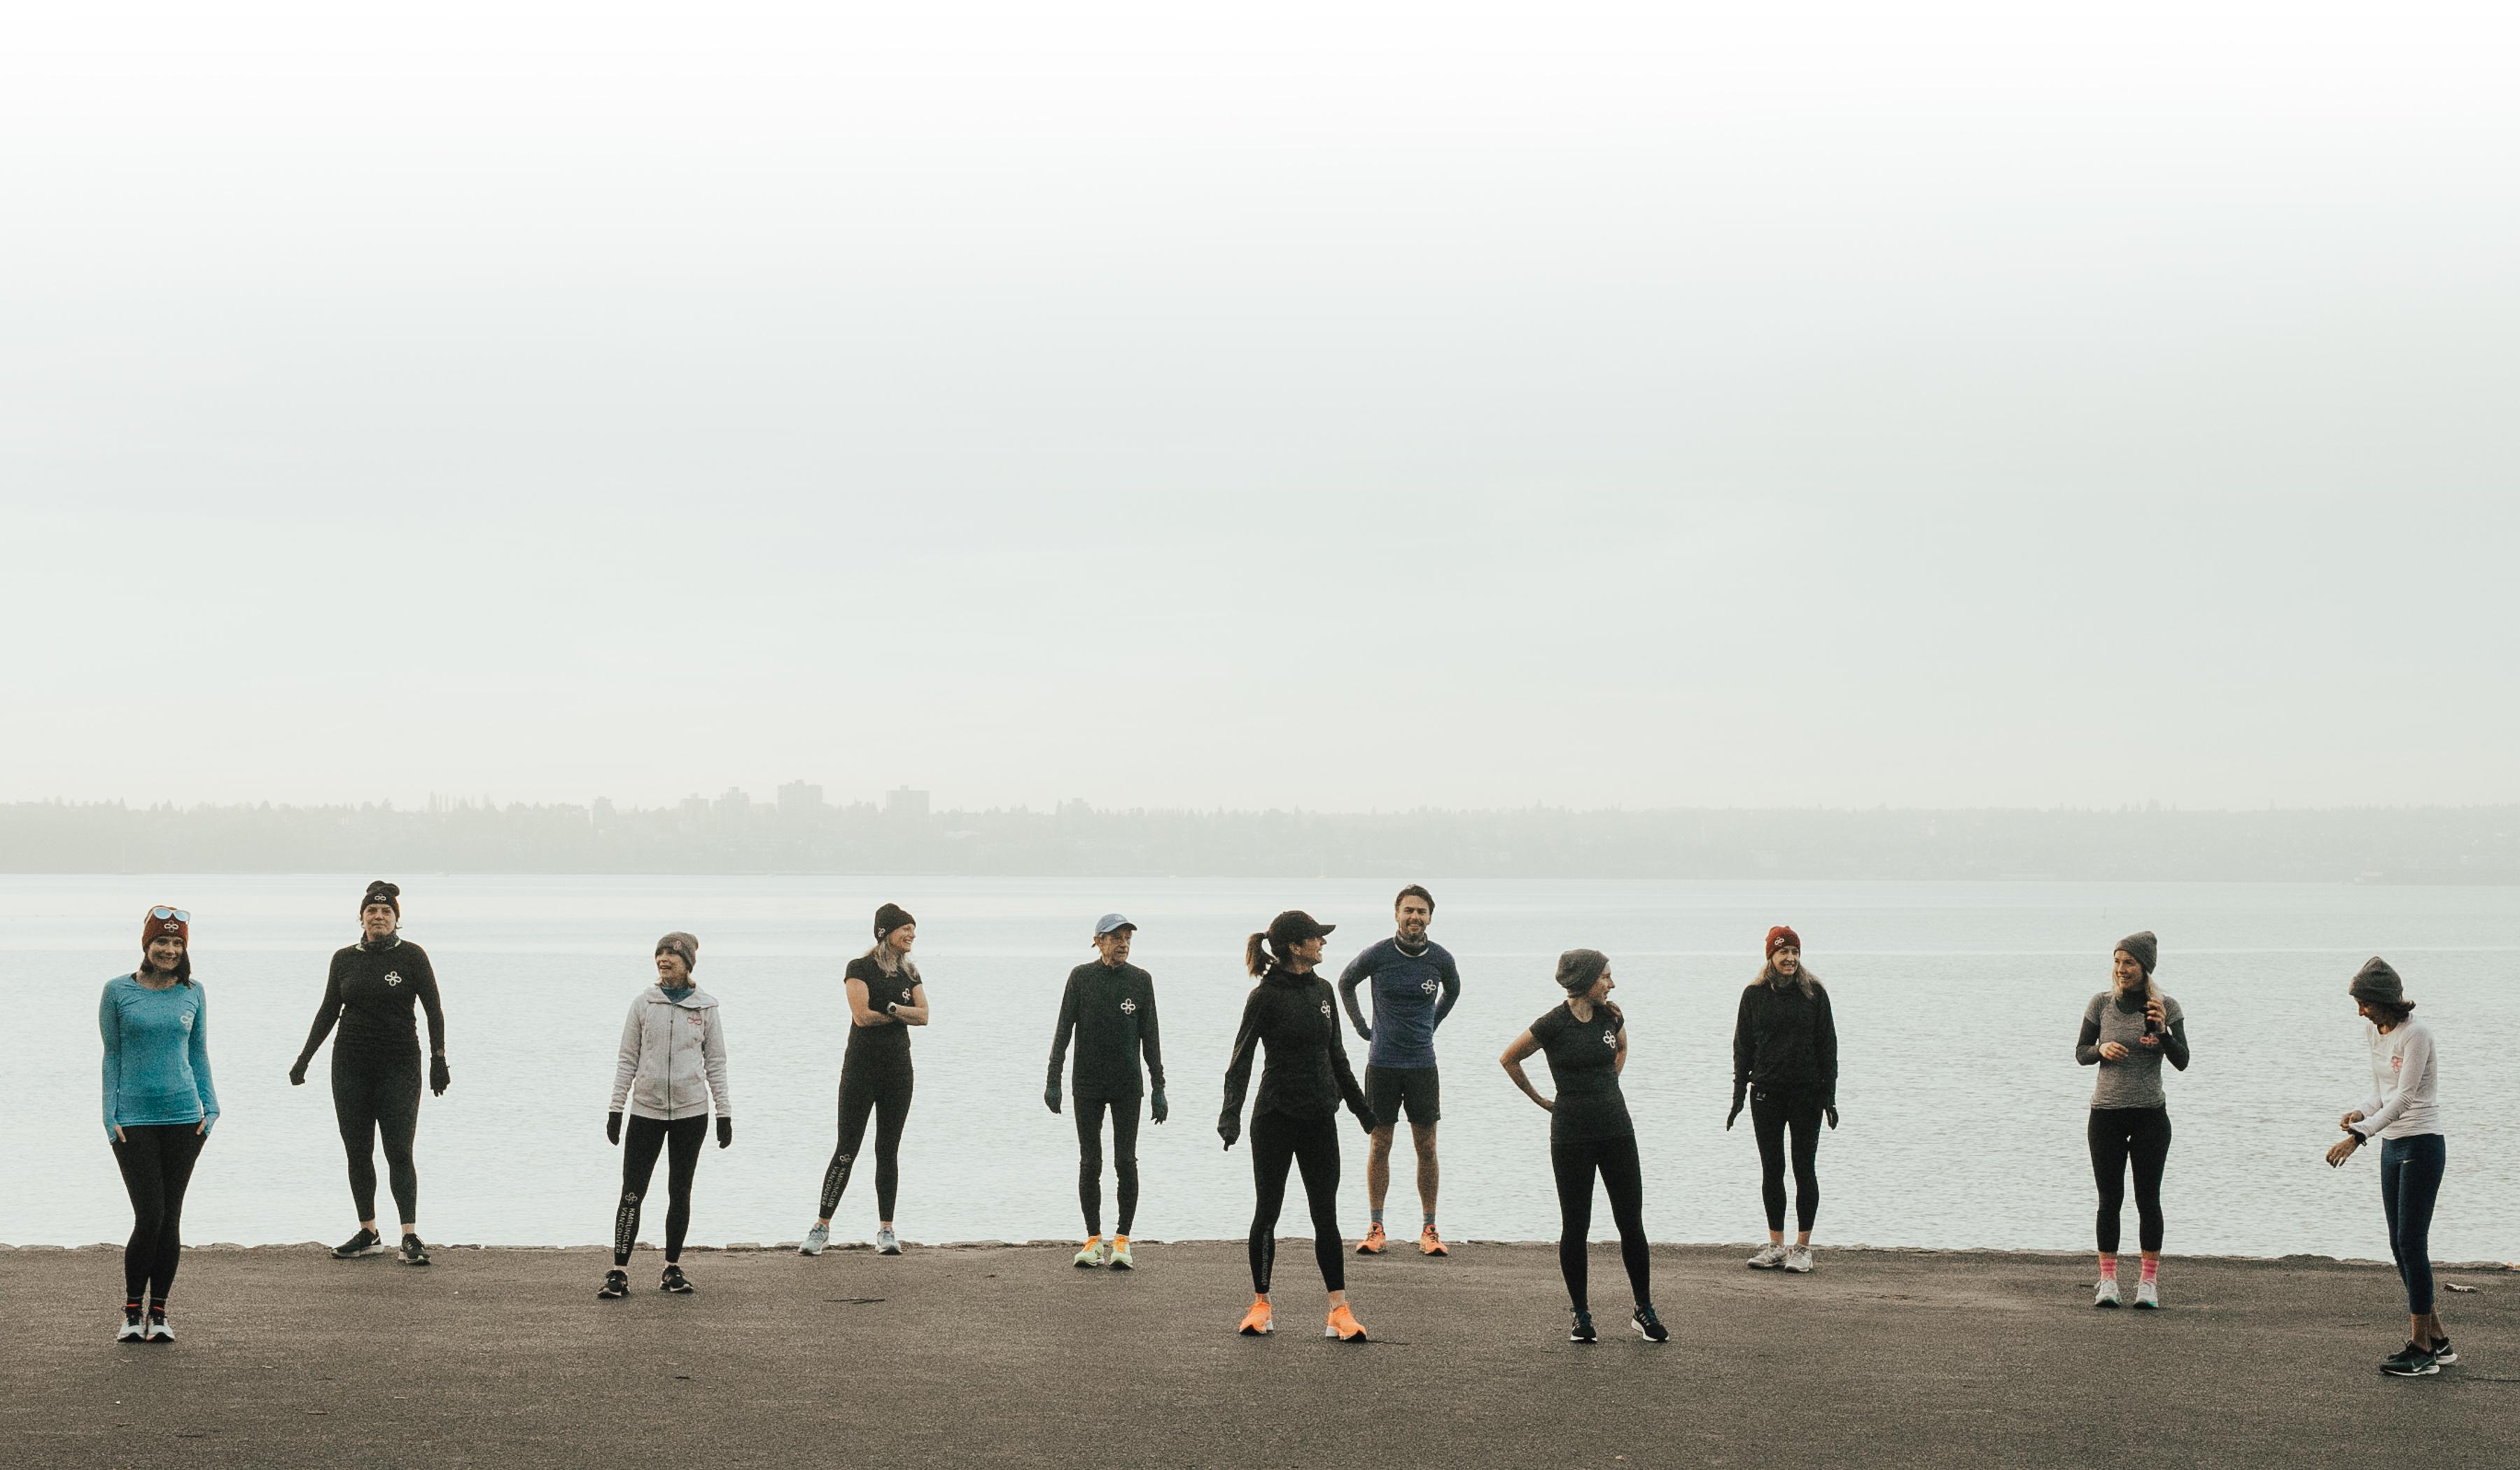 Run club members